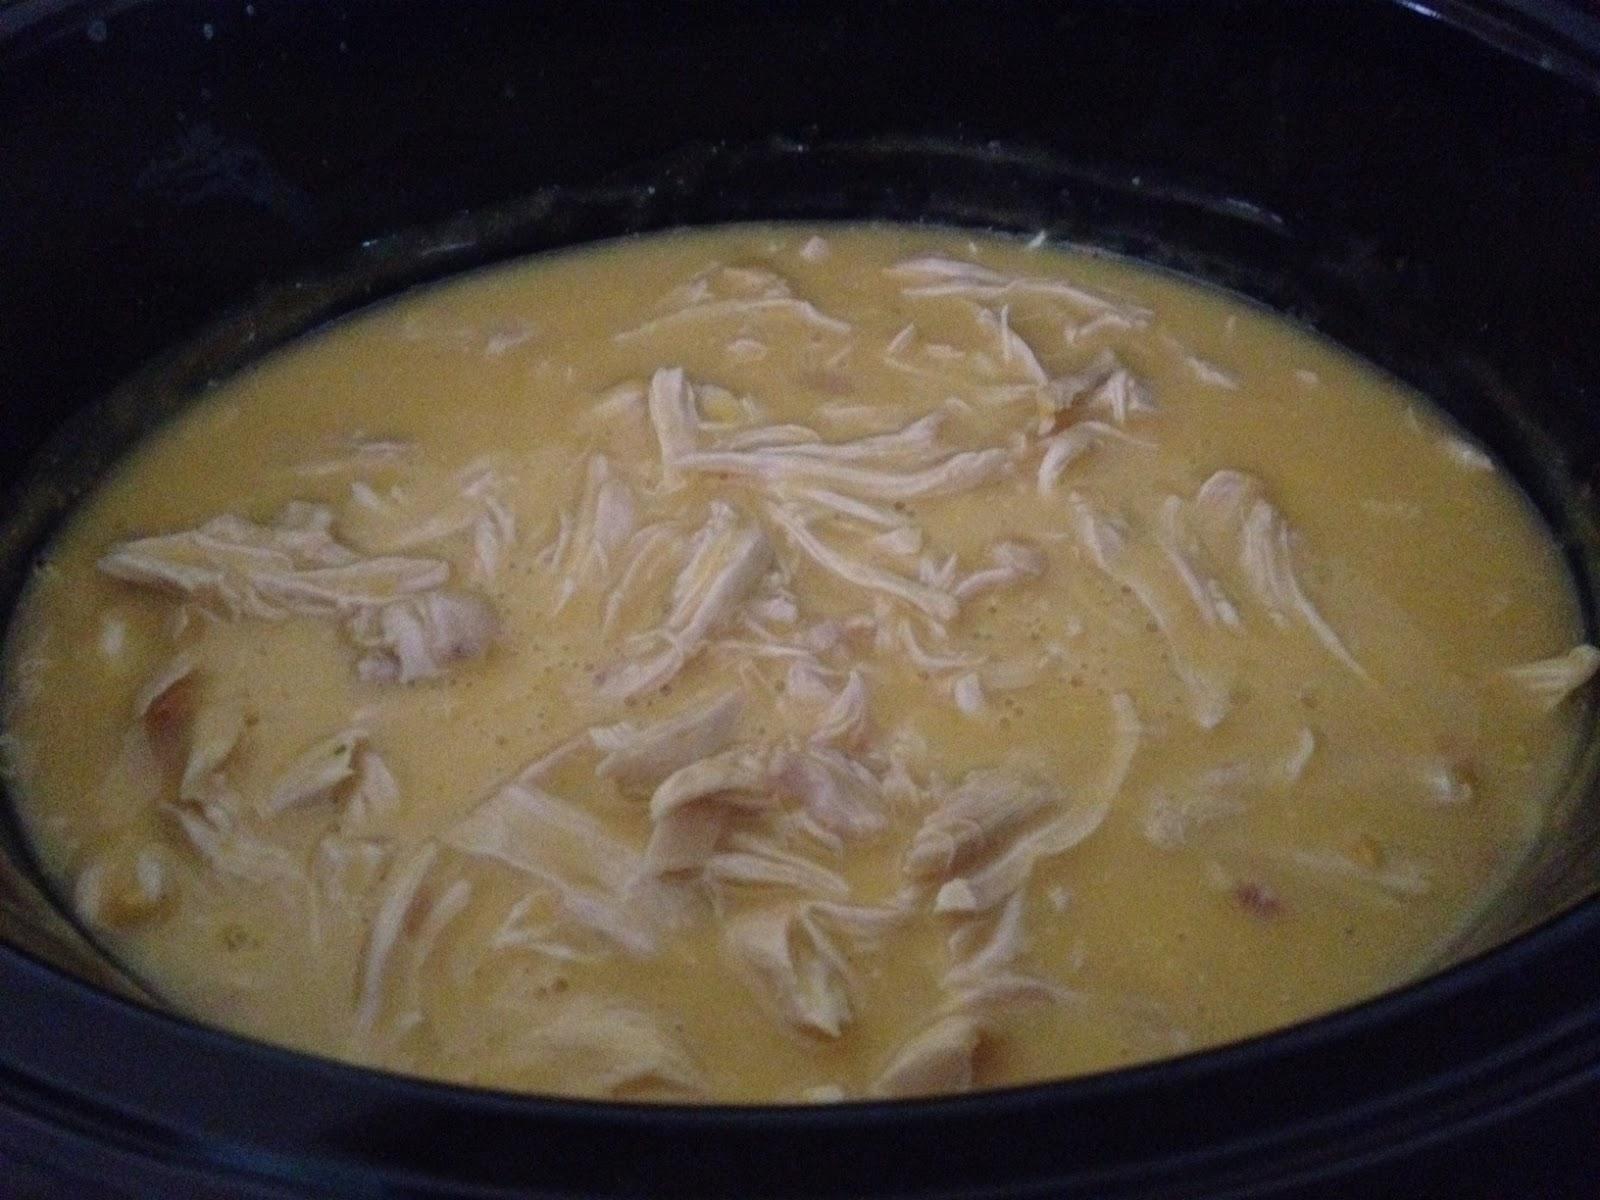 Creamy Crockpot Chicken And Broccoli Over Rice Recipes — Dishmaps